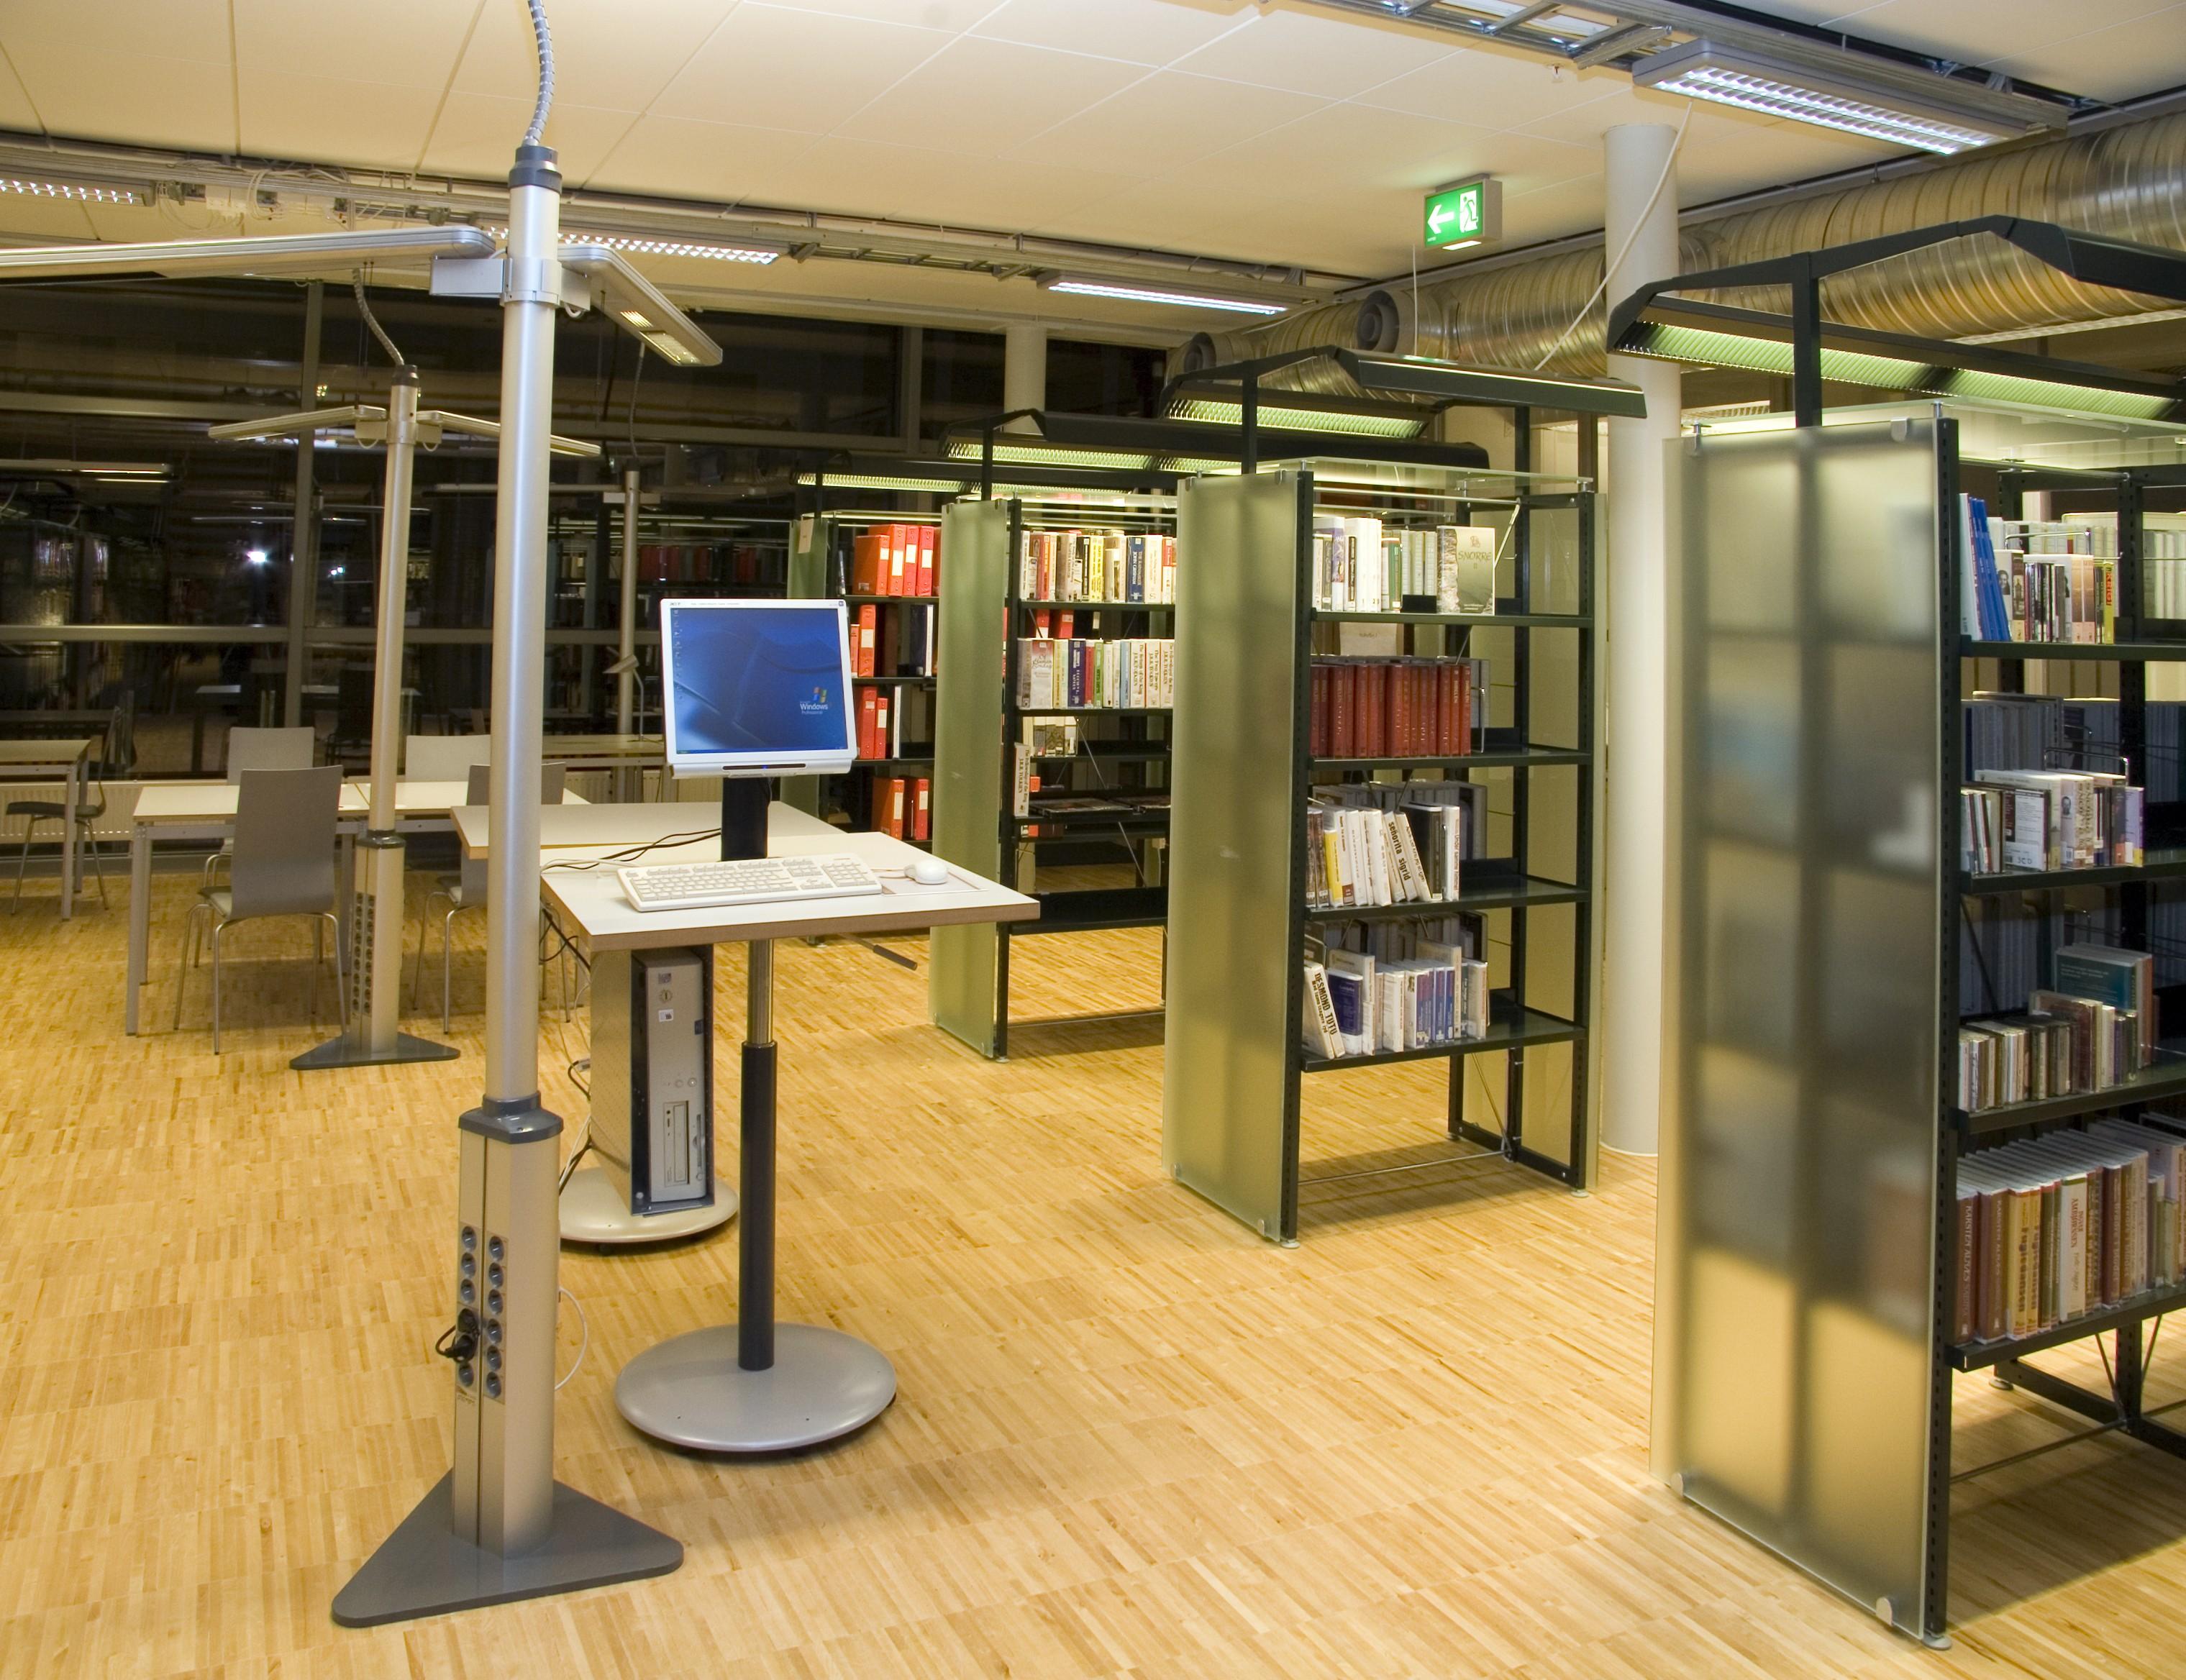 BCI Eurobib Library Computer Furniture bluesyemre